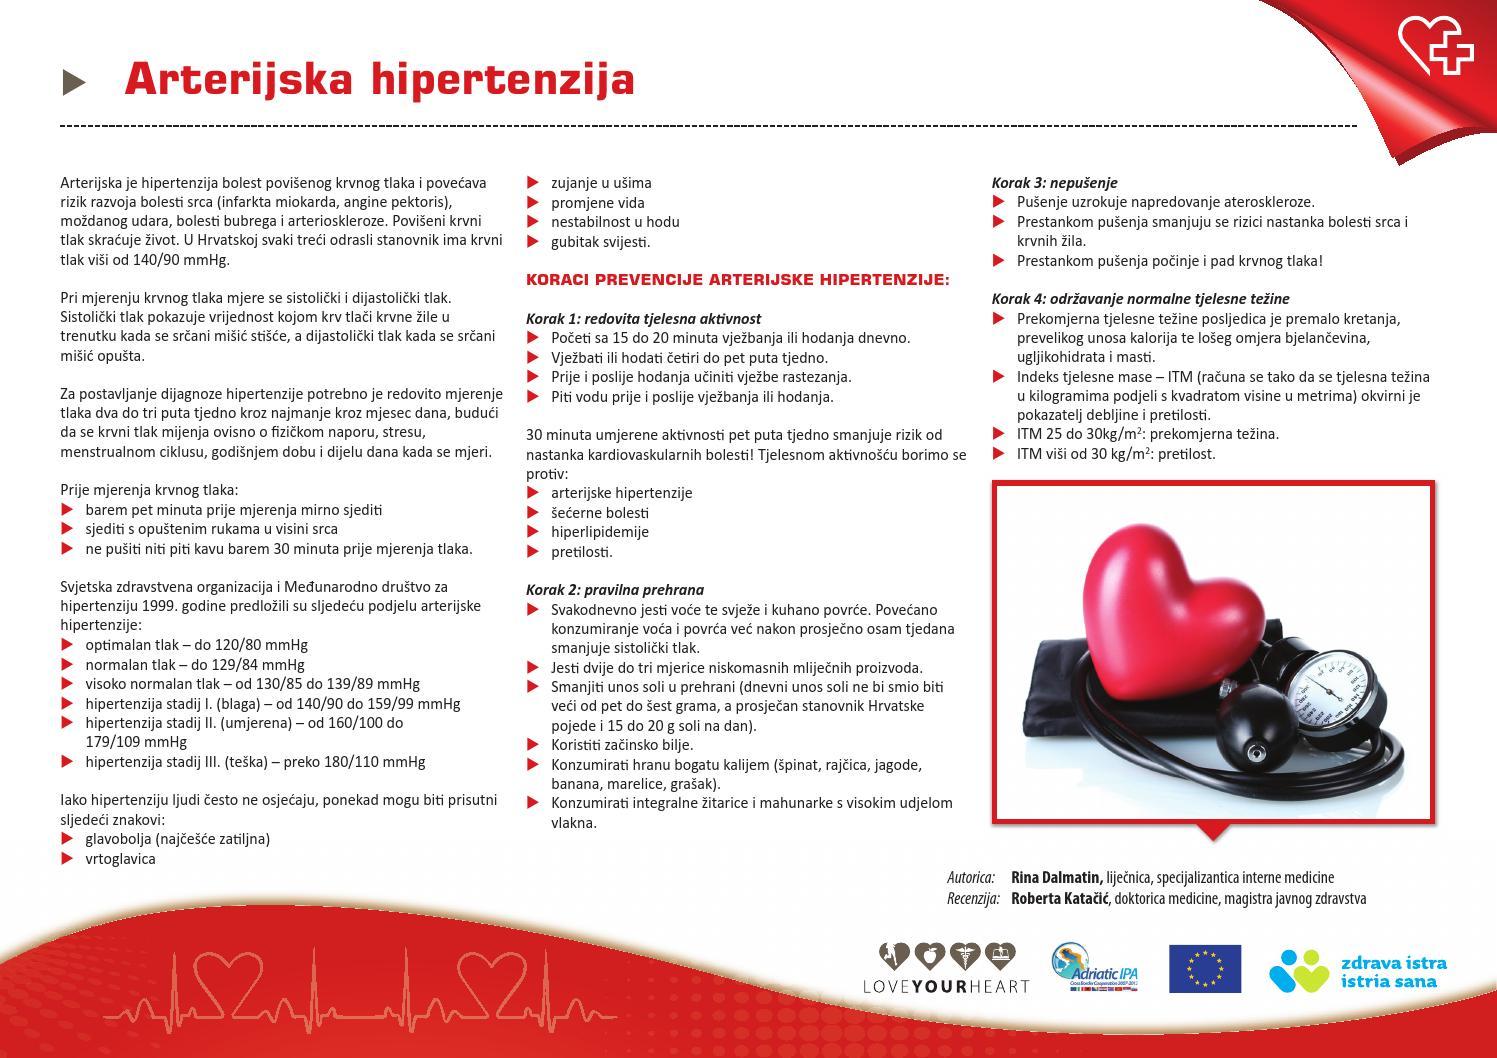 mliječni hipertenzija sve razred 3 hipertenzije